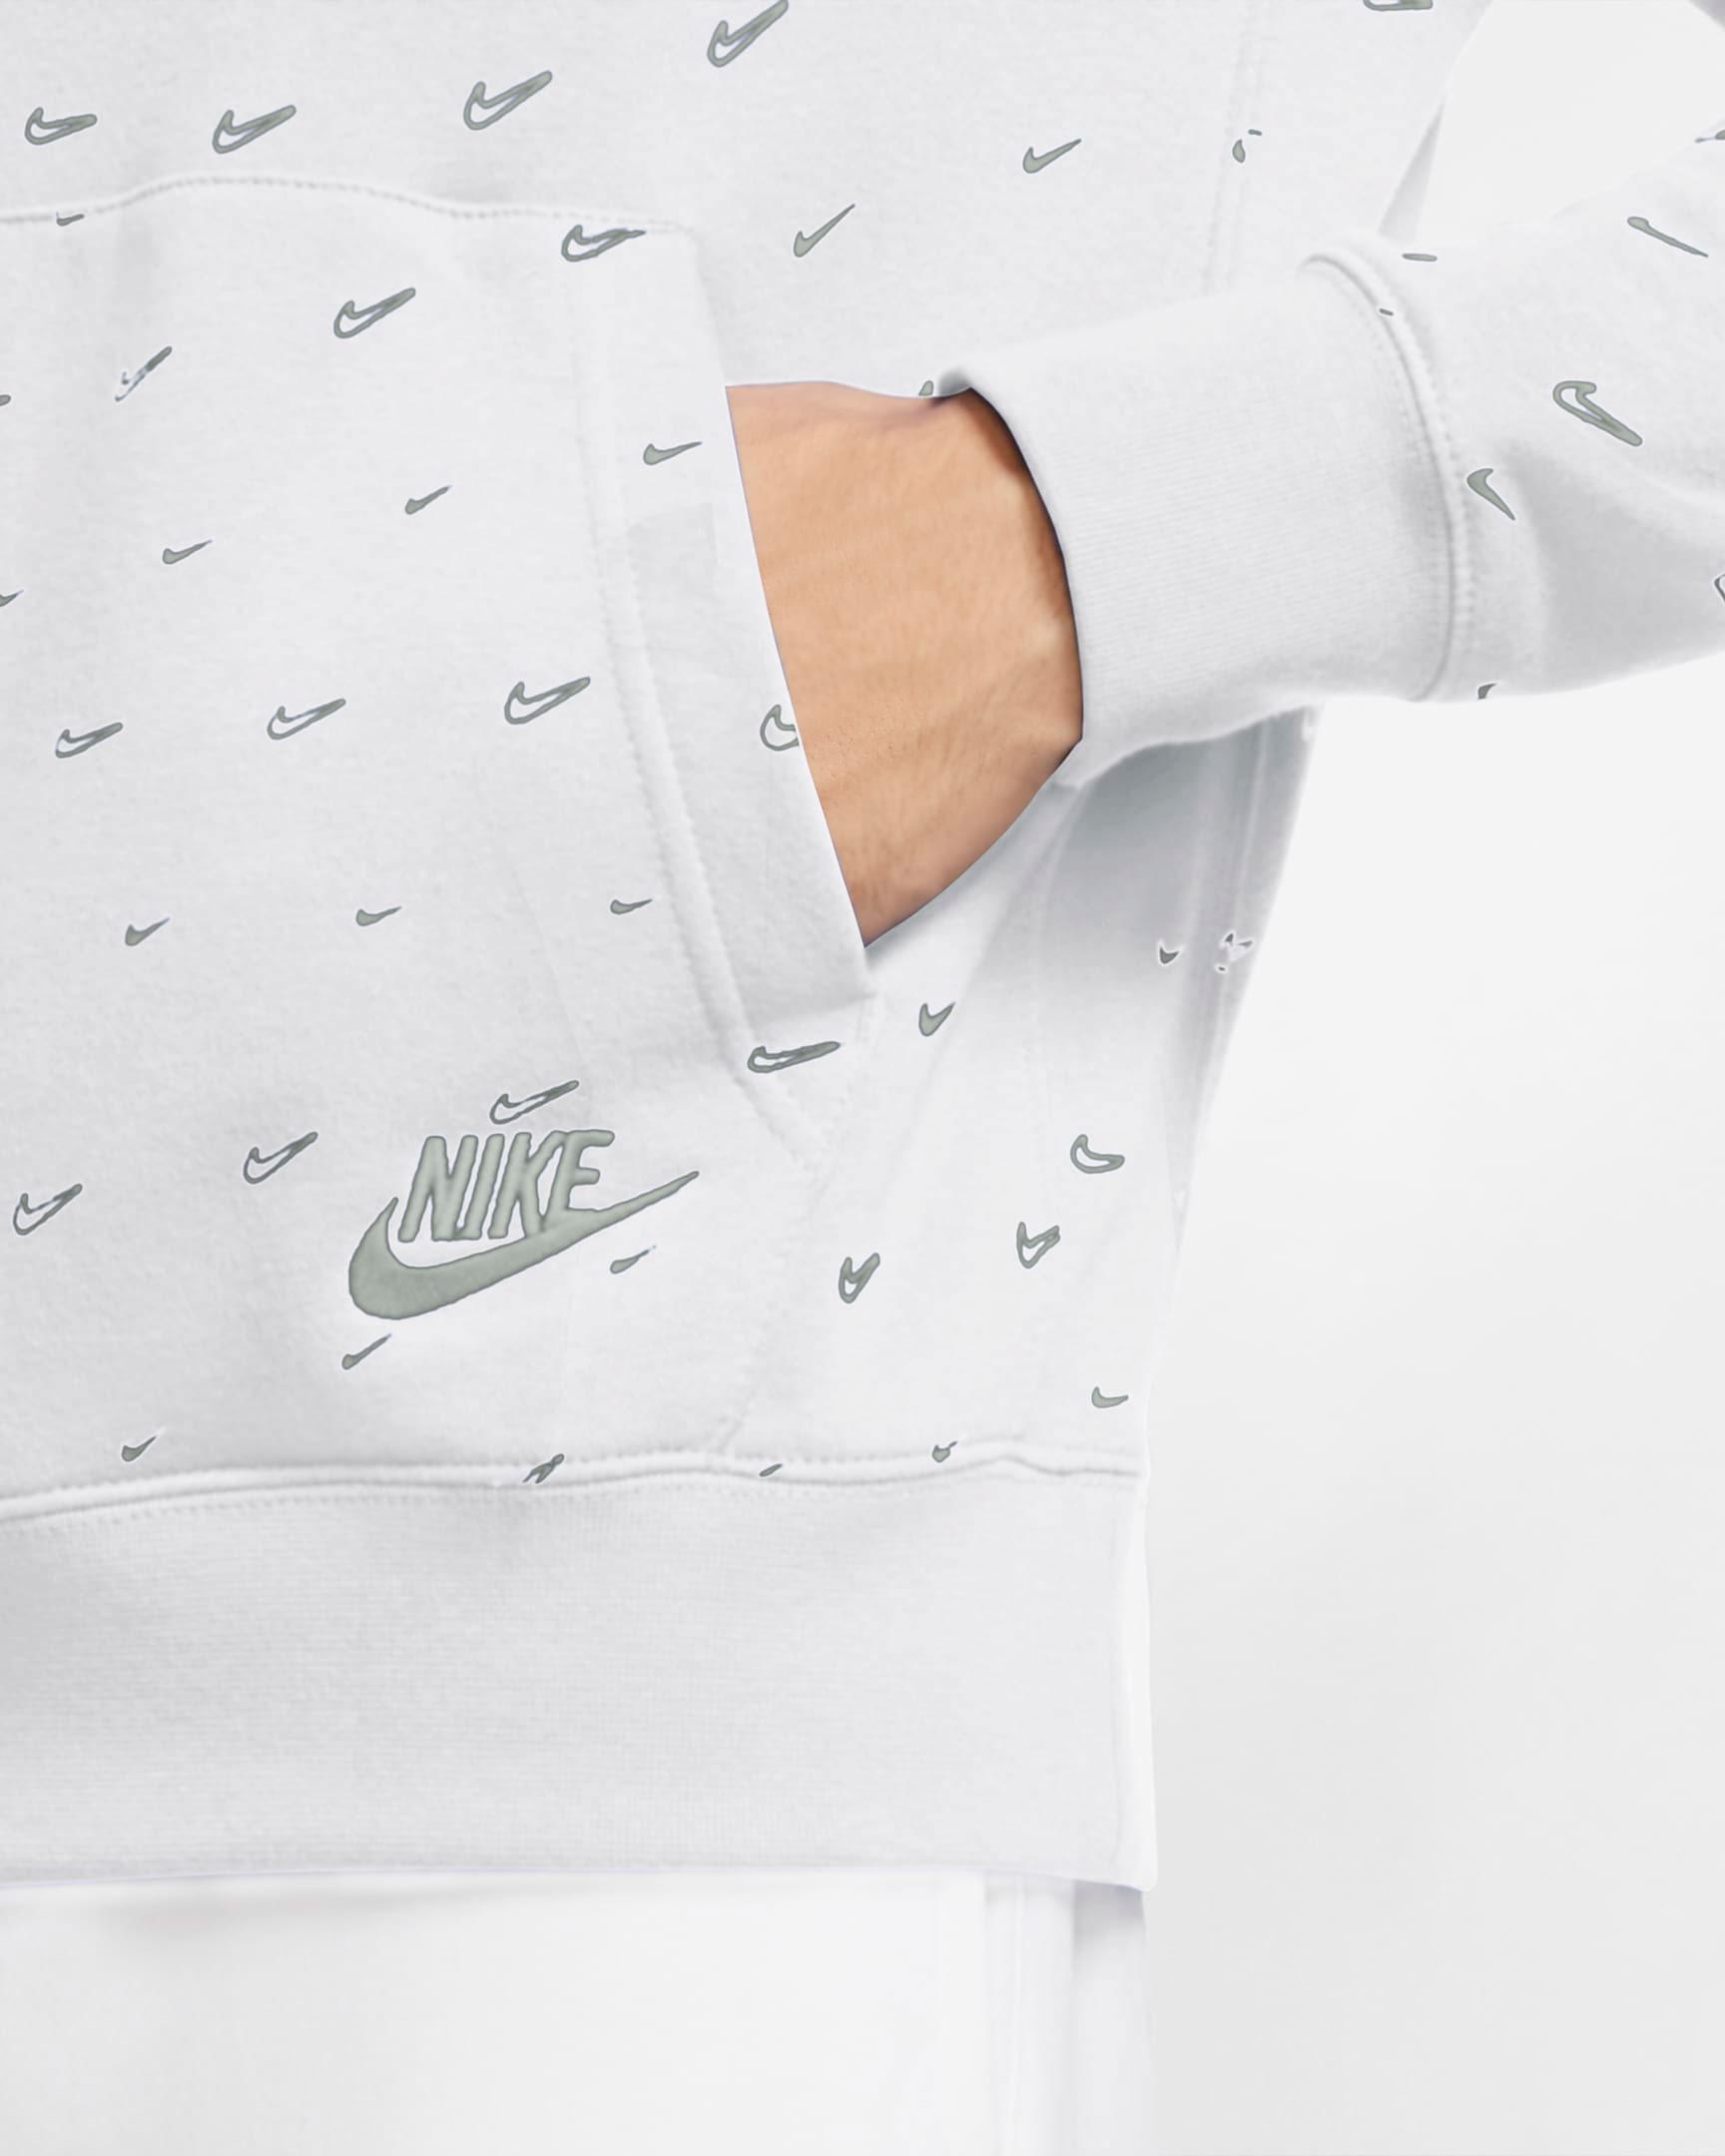 nike-adapt-bb-2-oreo-white-cement-matching-hoodie-2